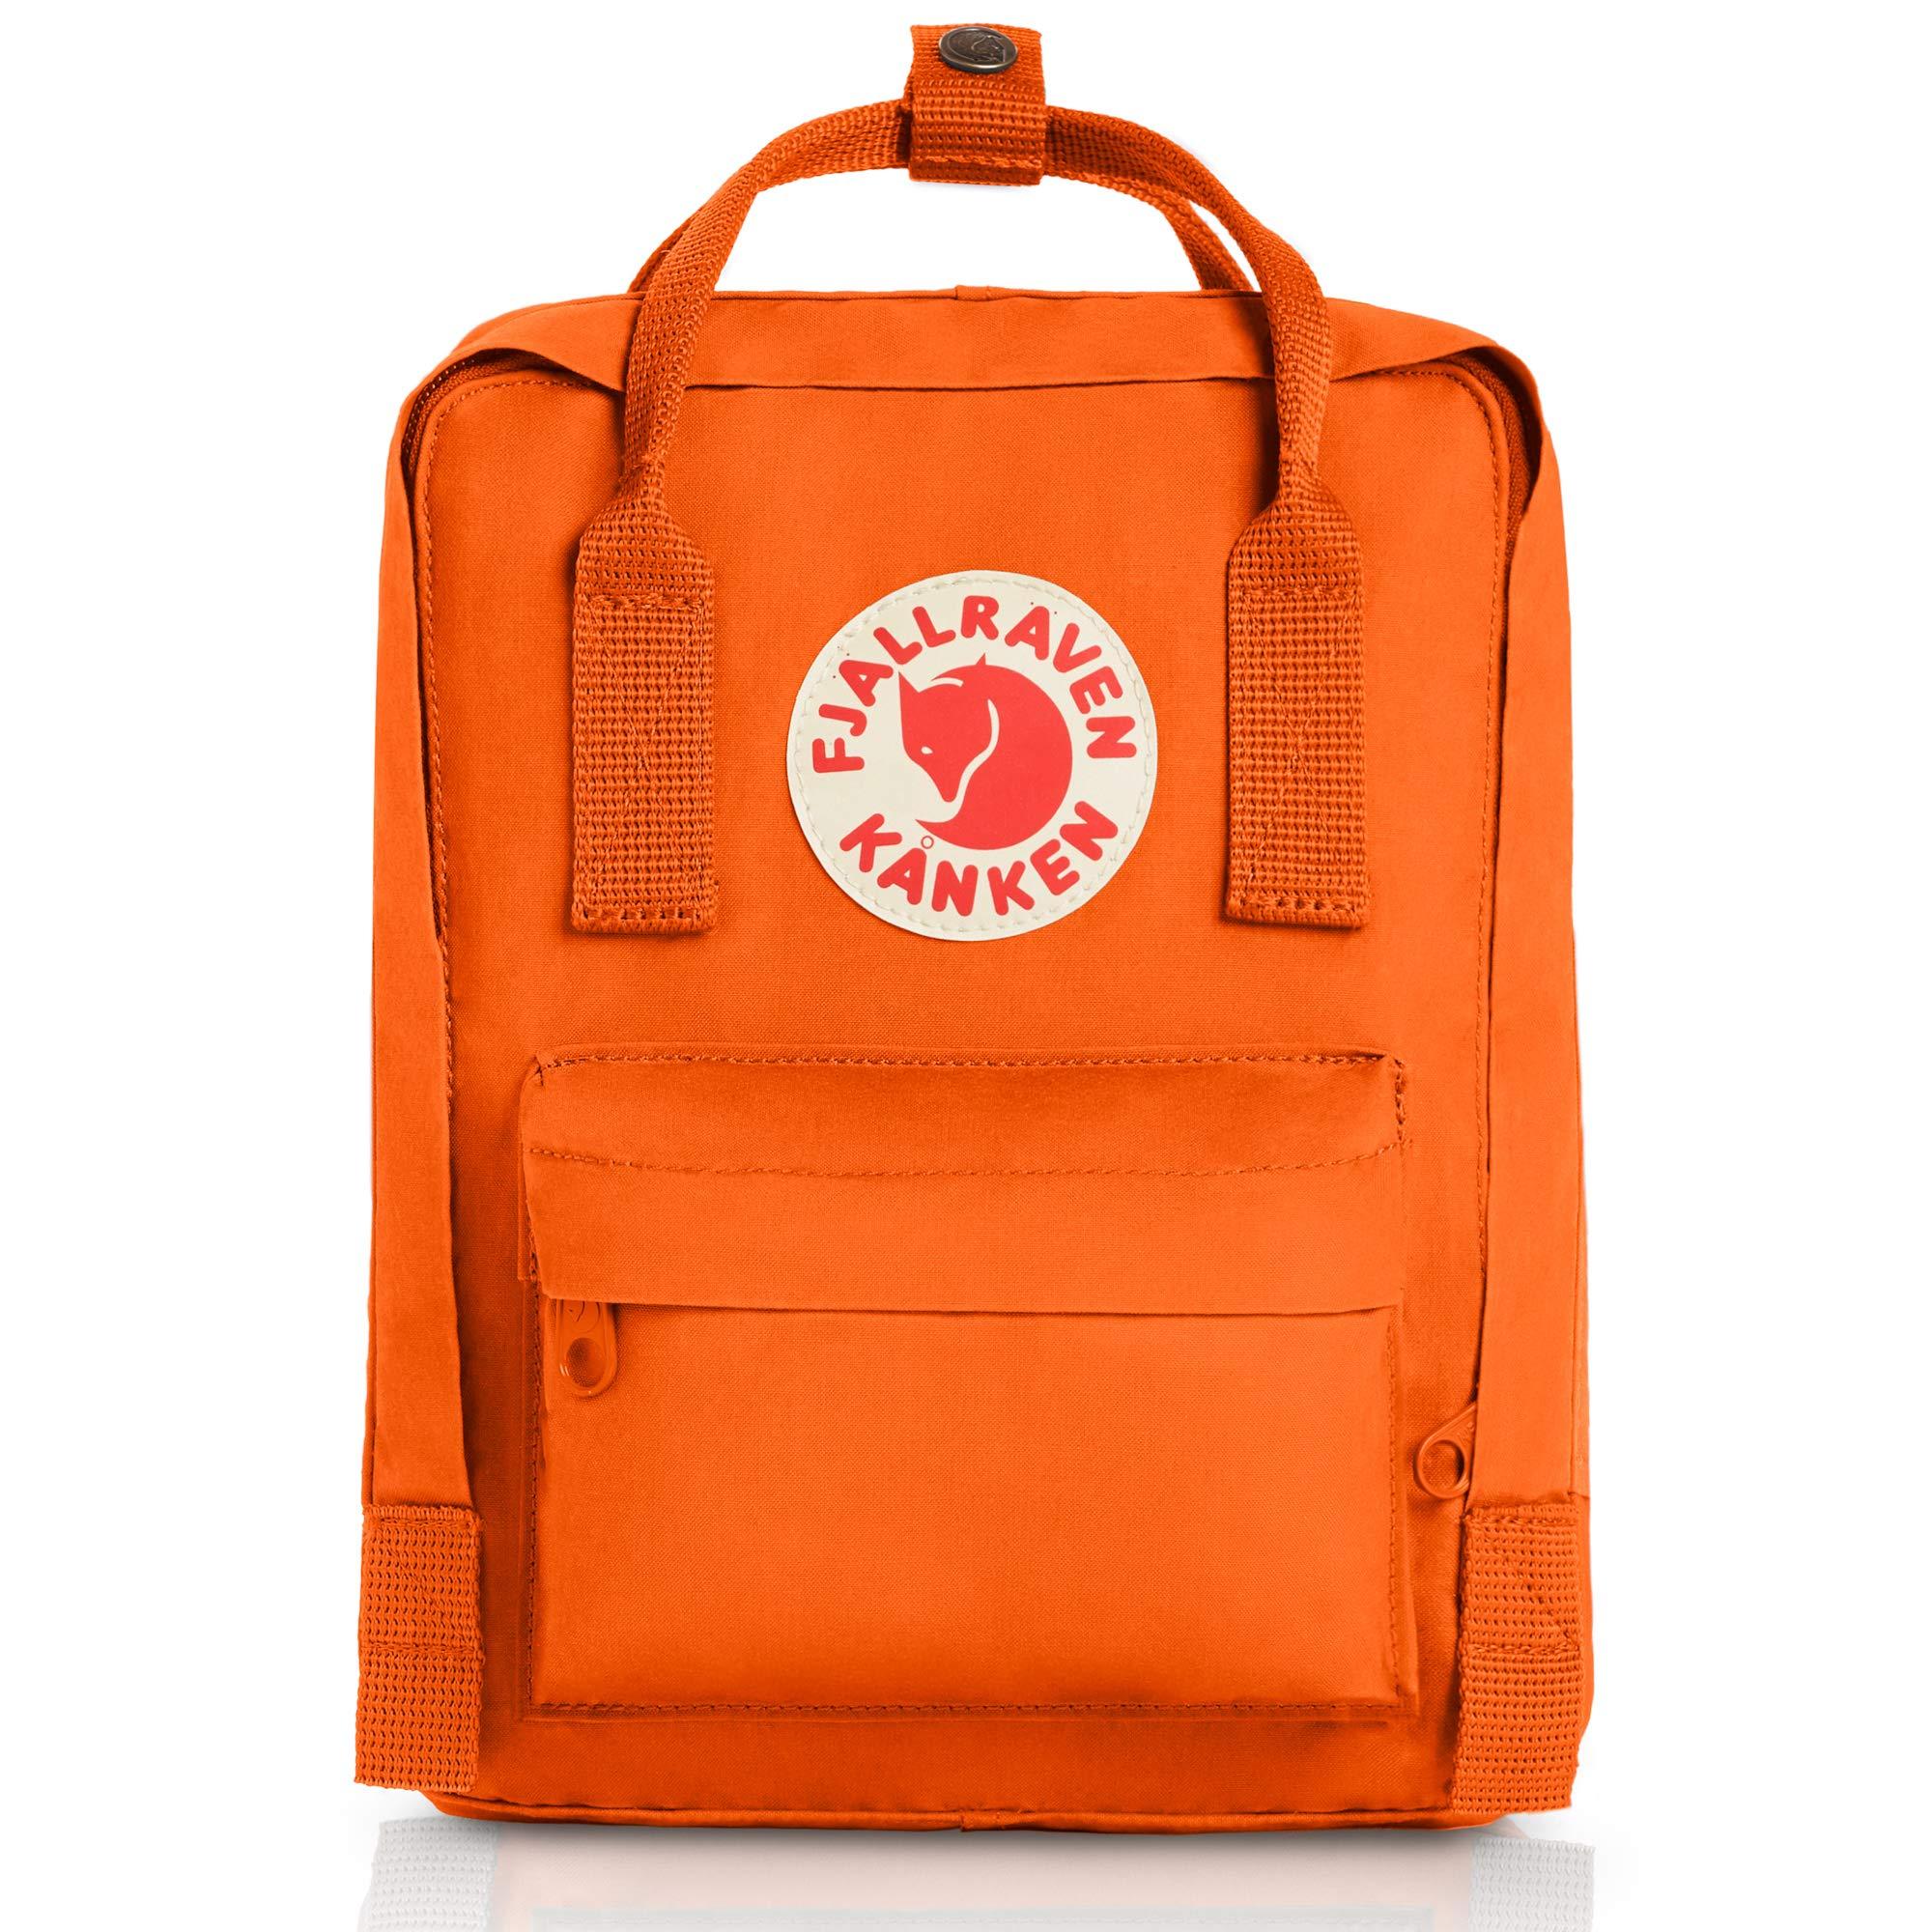 Fjallraven - Kanken Mini Classic Backpack for Everyday, Burnt Orange by Fjallraven